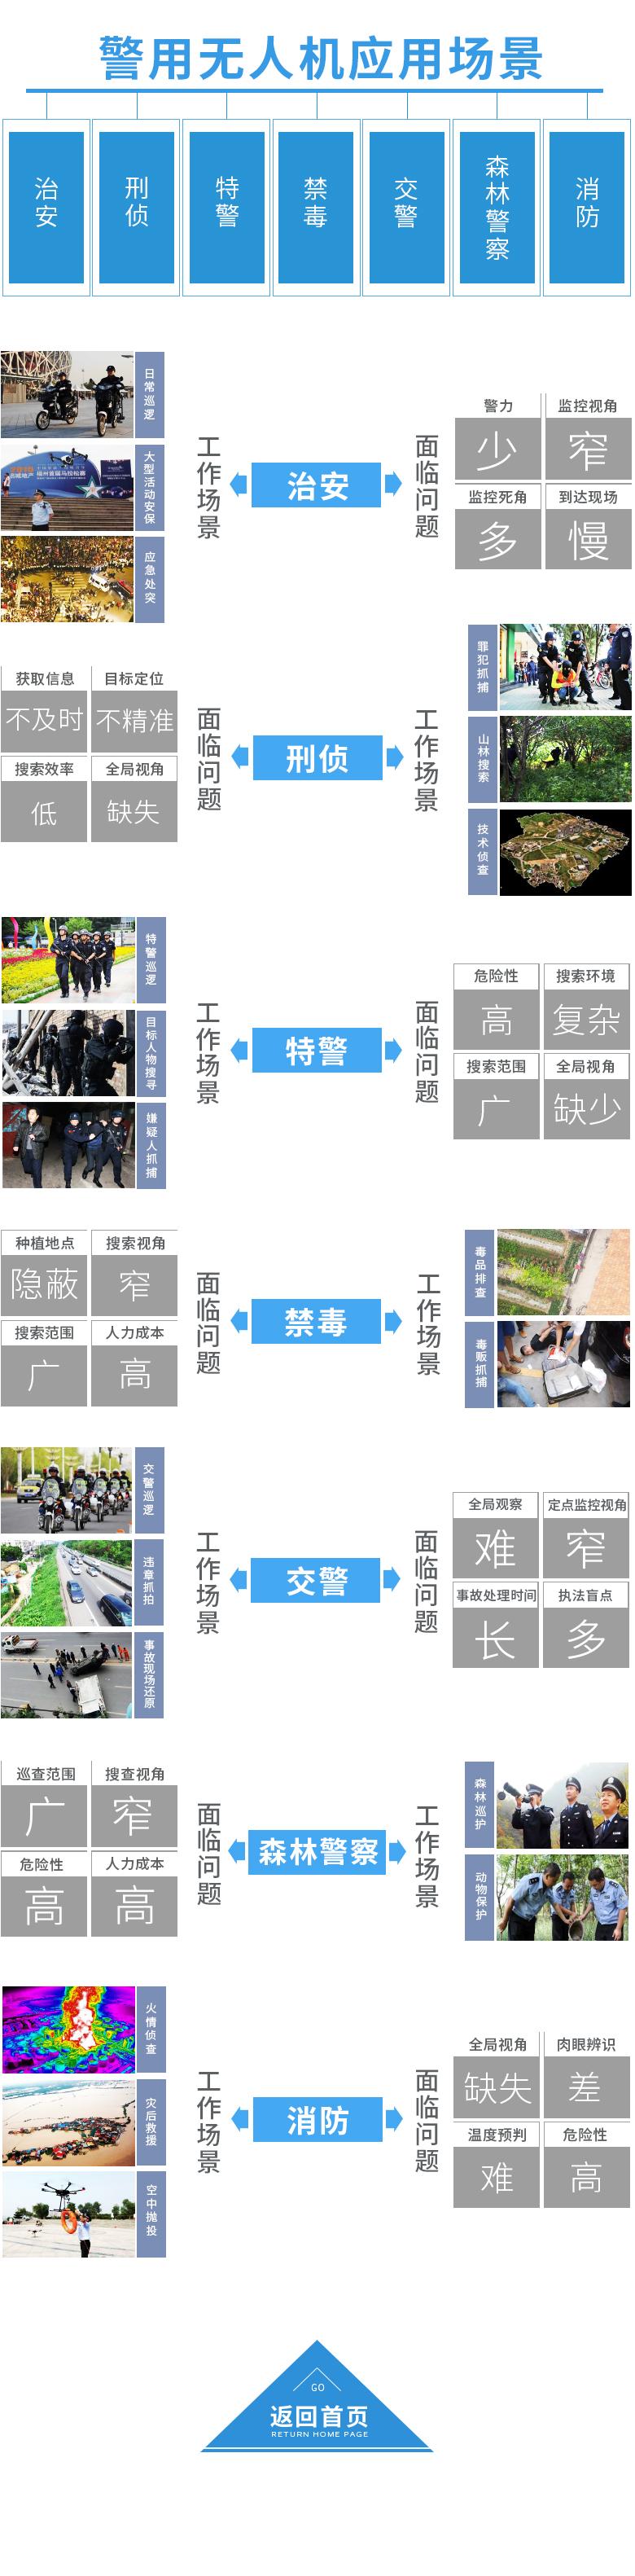 2-场景介绍2.jpg